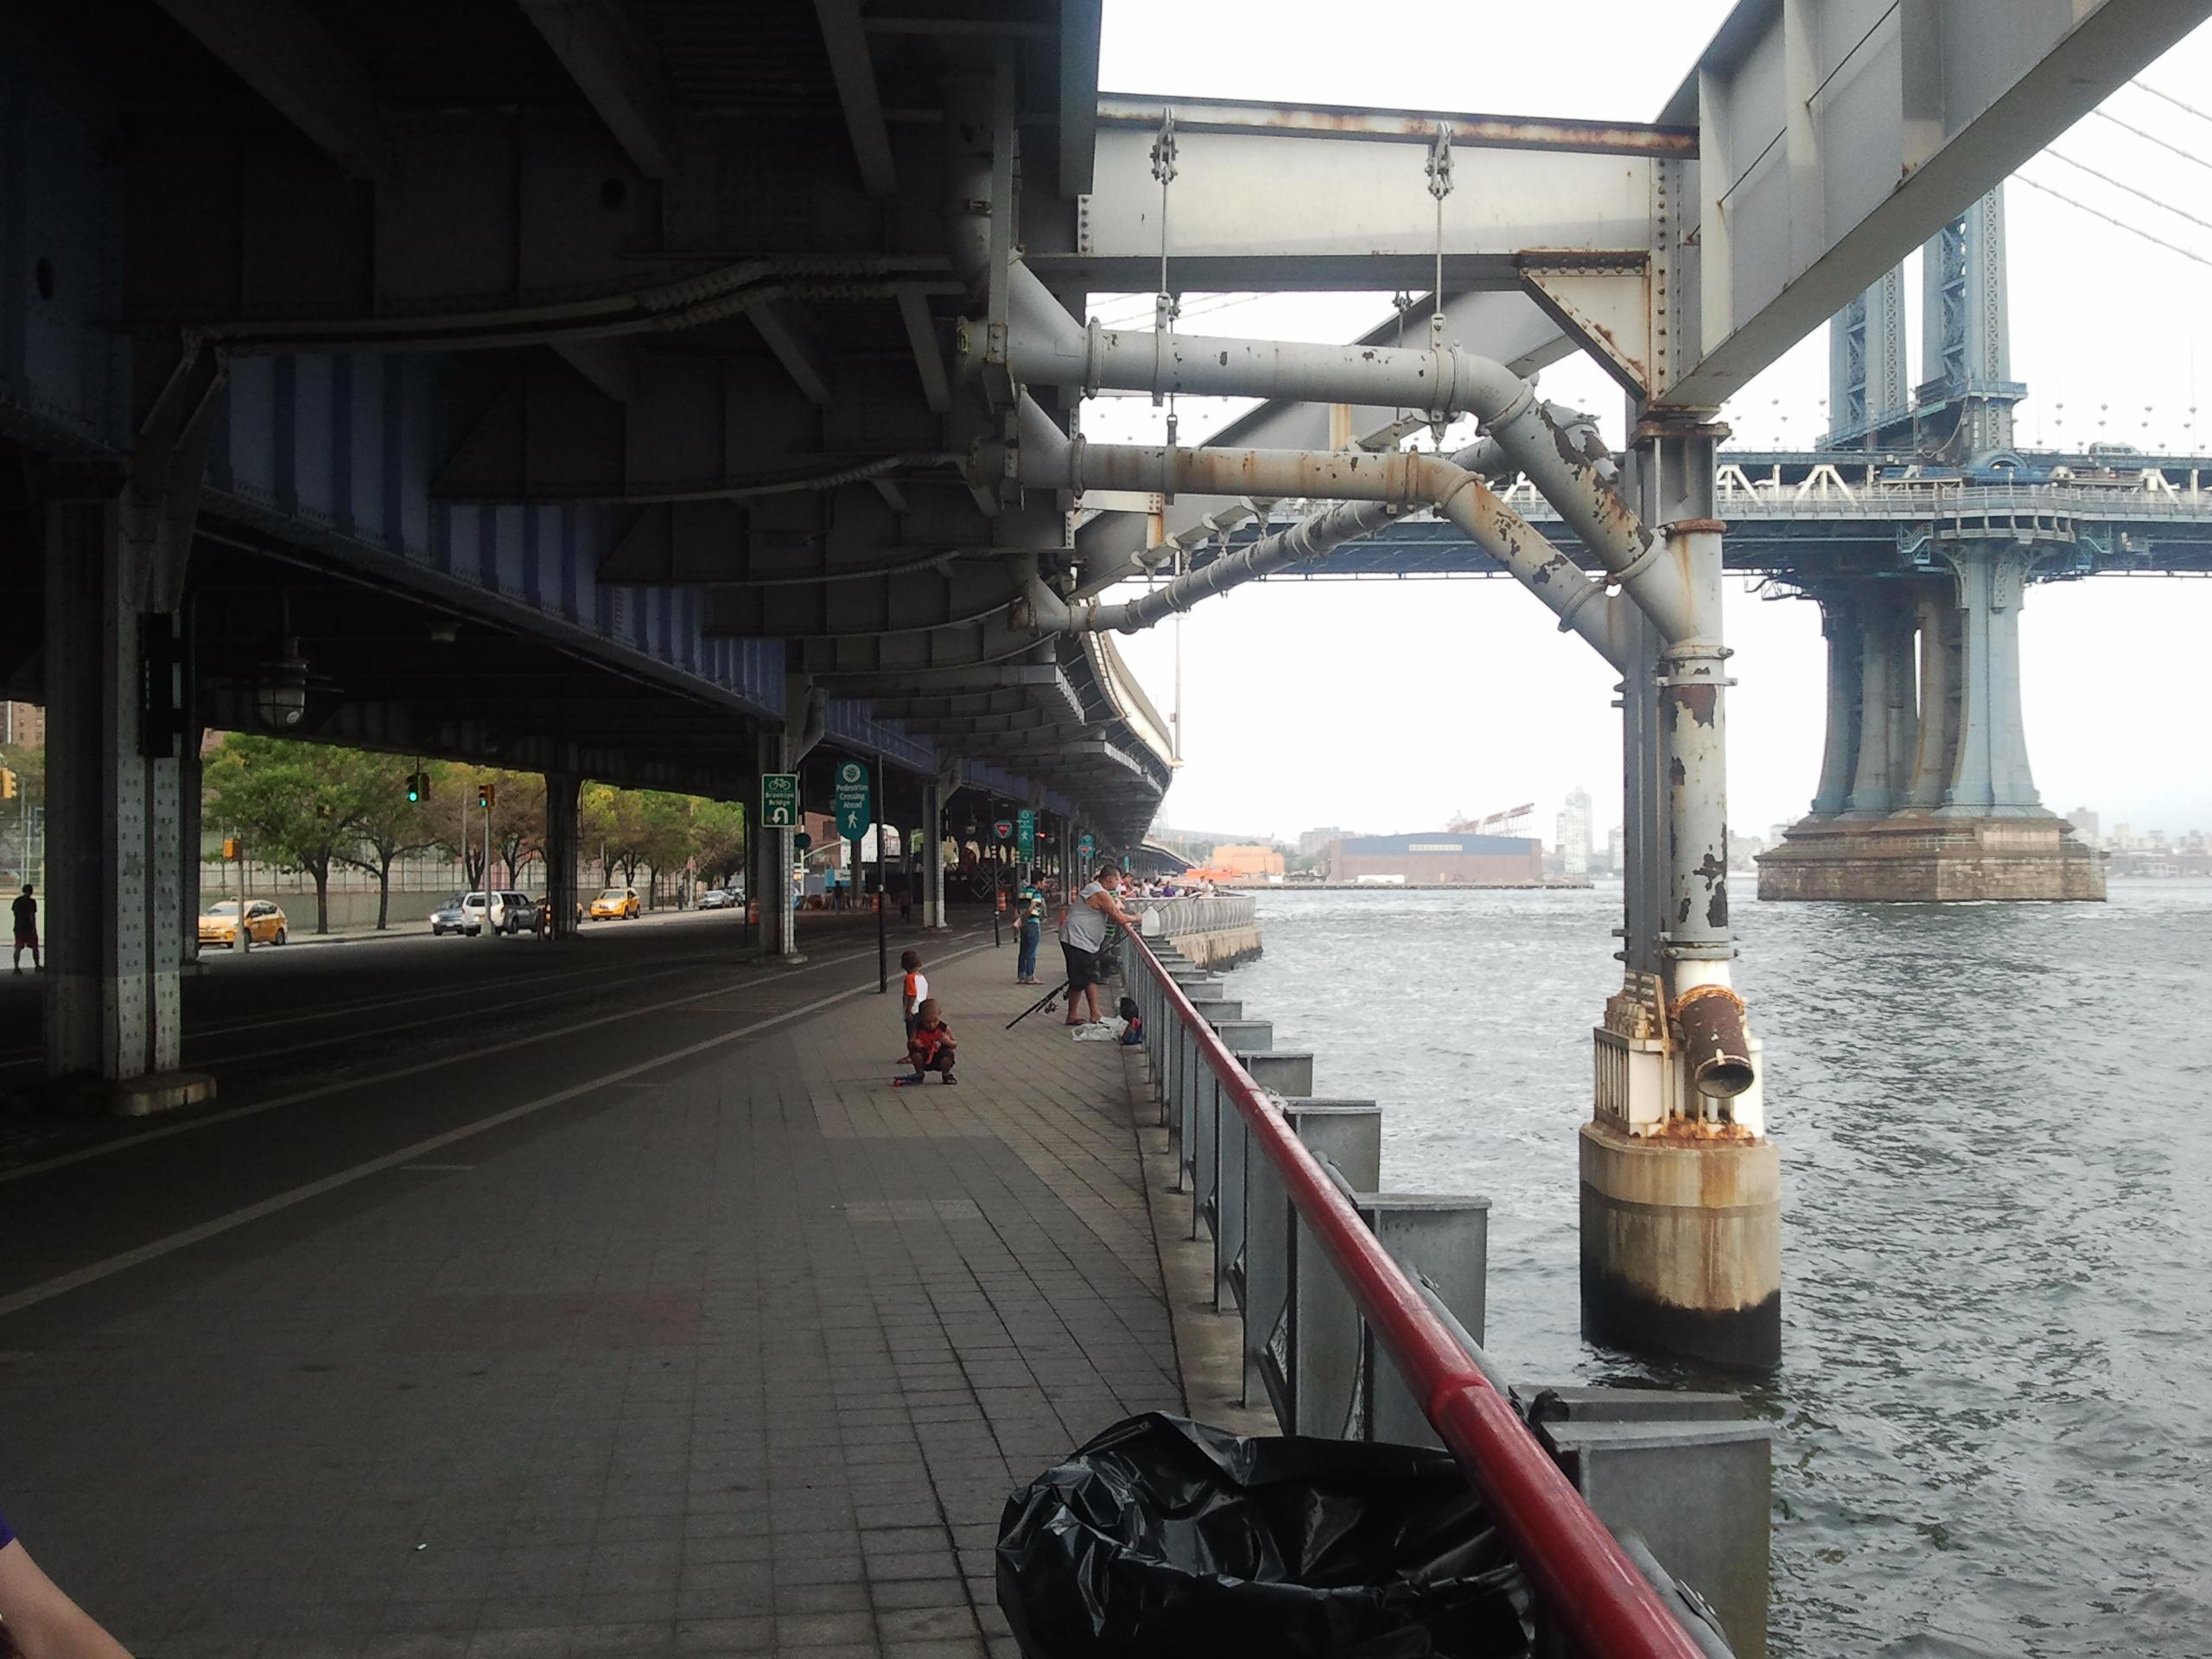 Las Calles Habladas en New York y Baltimore